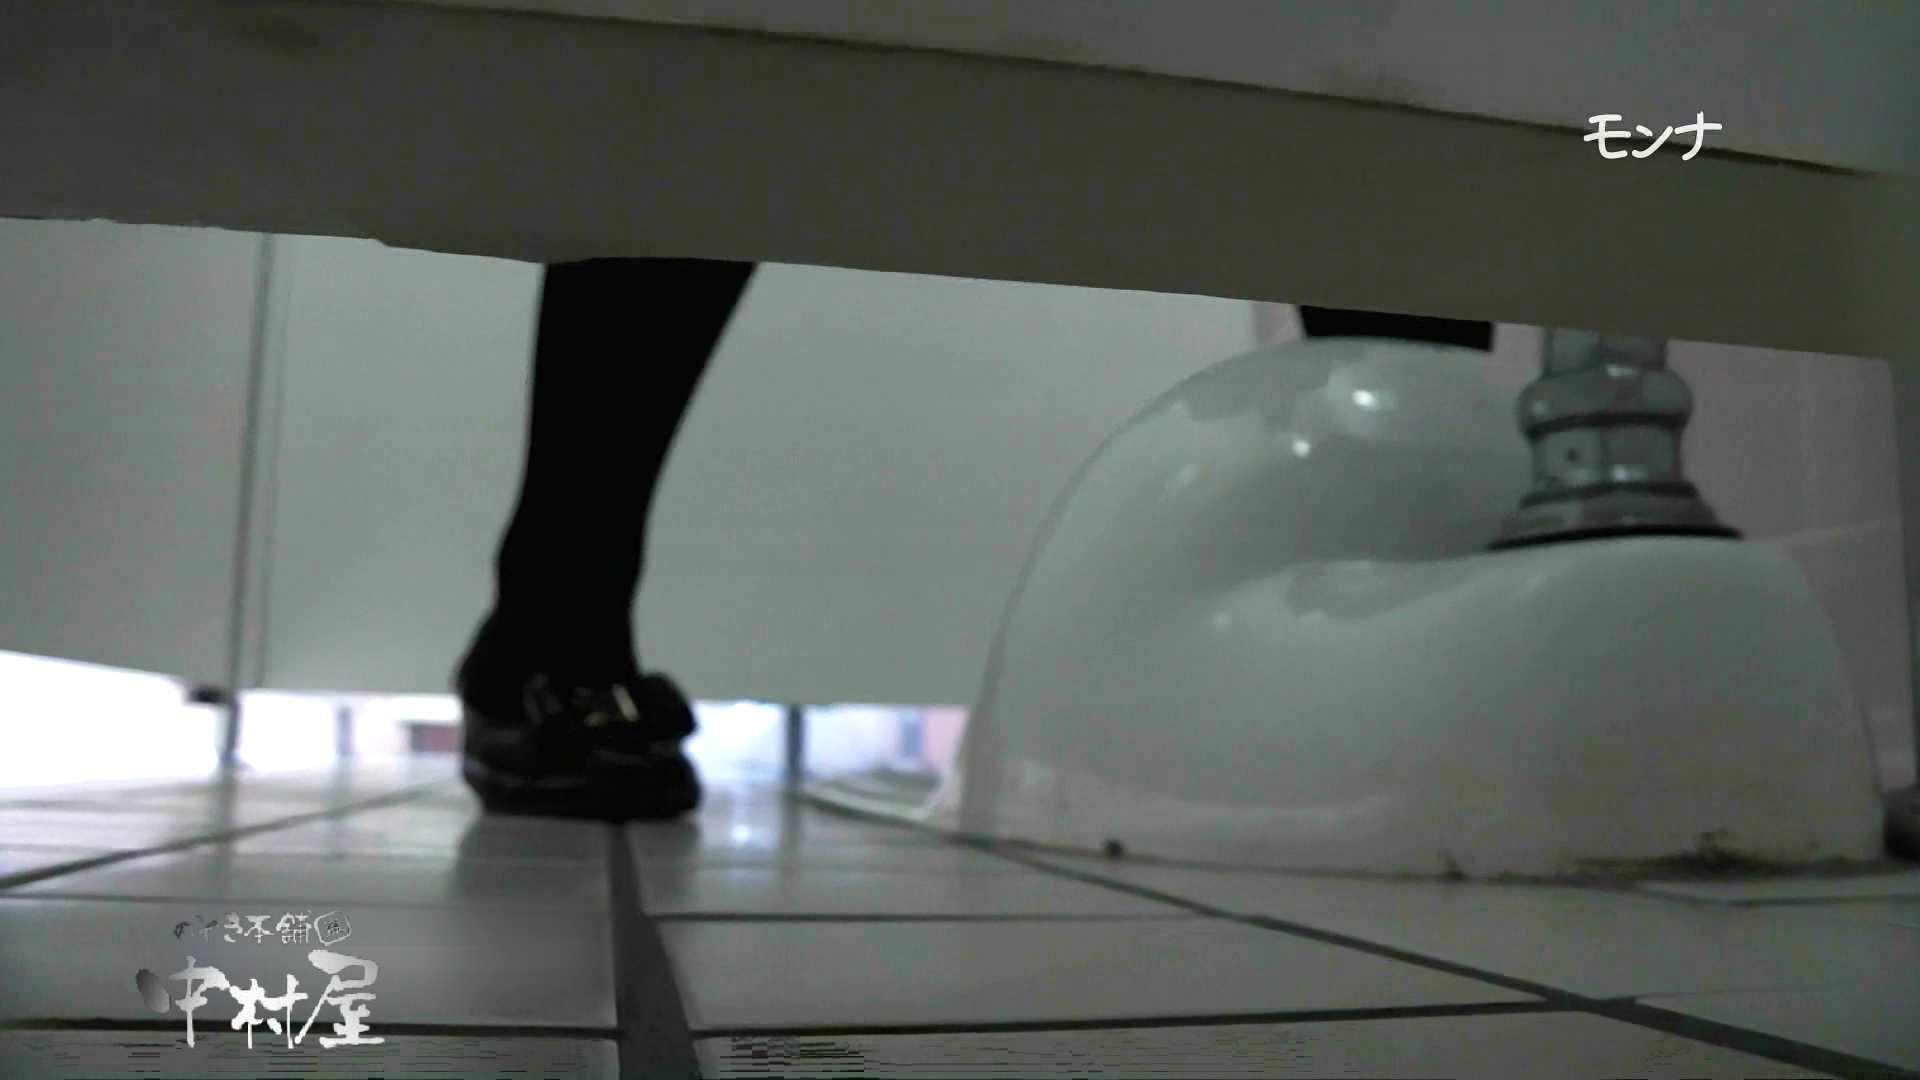 【美しい日本の未来】遂に!!戸田恵梨香似の予告モデル登場ダッシュで「大」後編 0   0  52連発 21